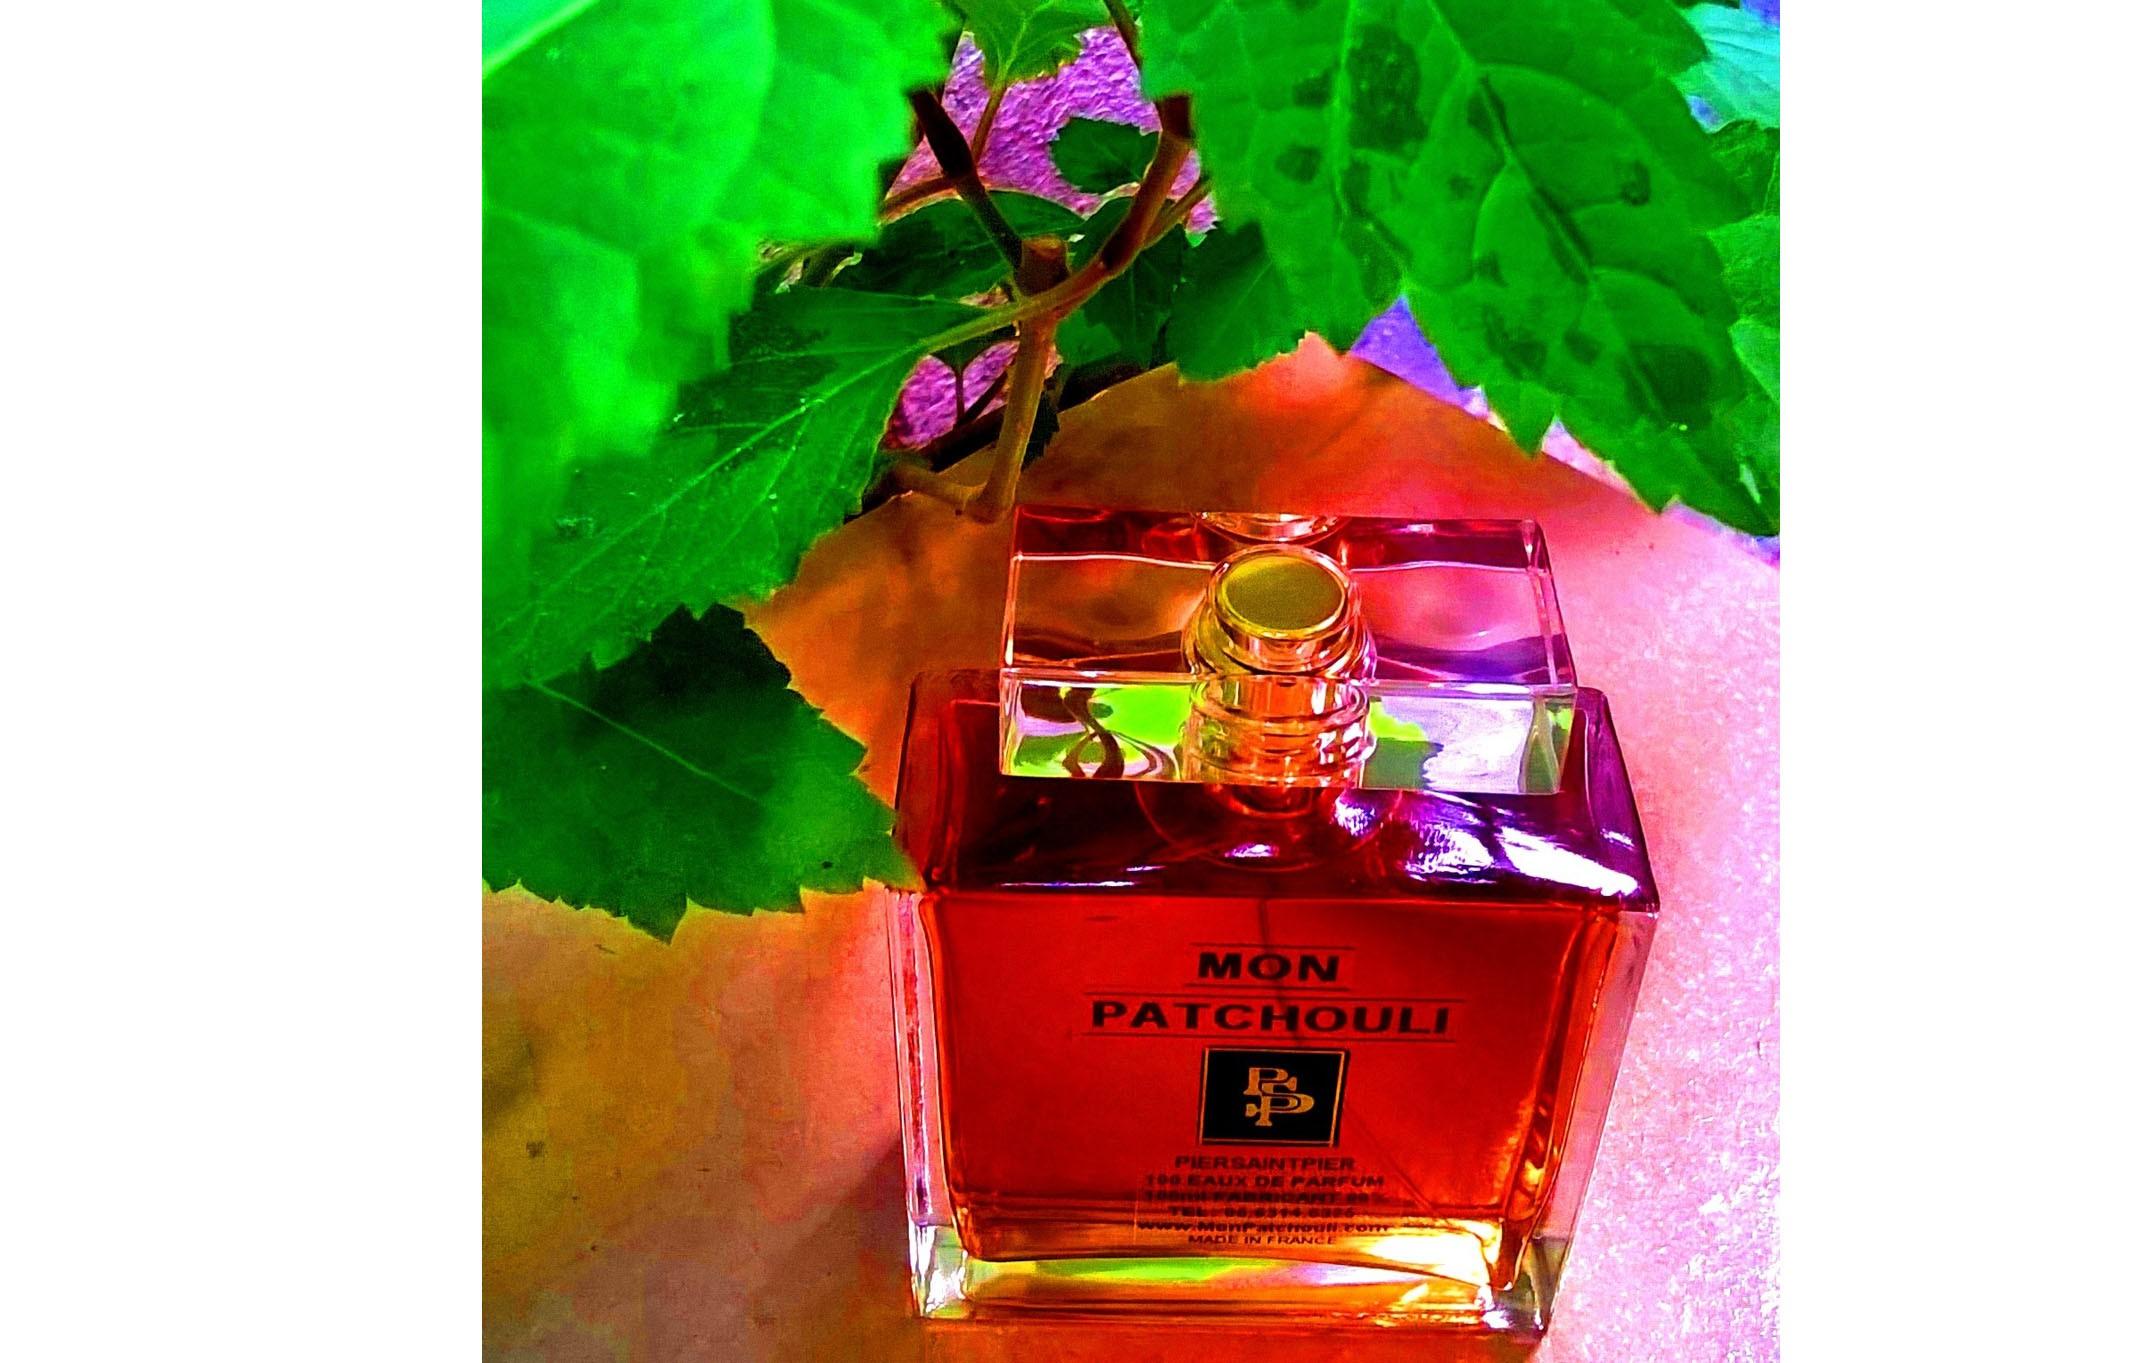 MON PATCHOULI (Flacon Luxe / Sans Boite)